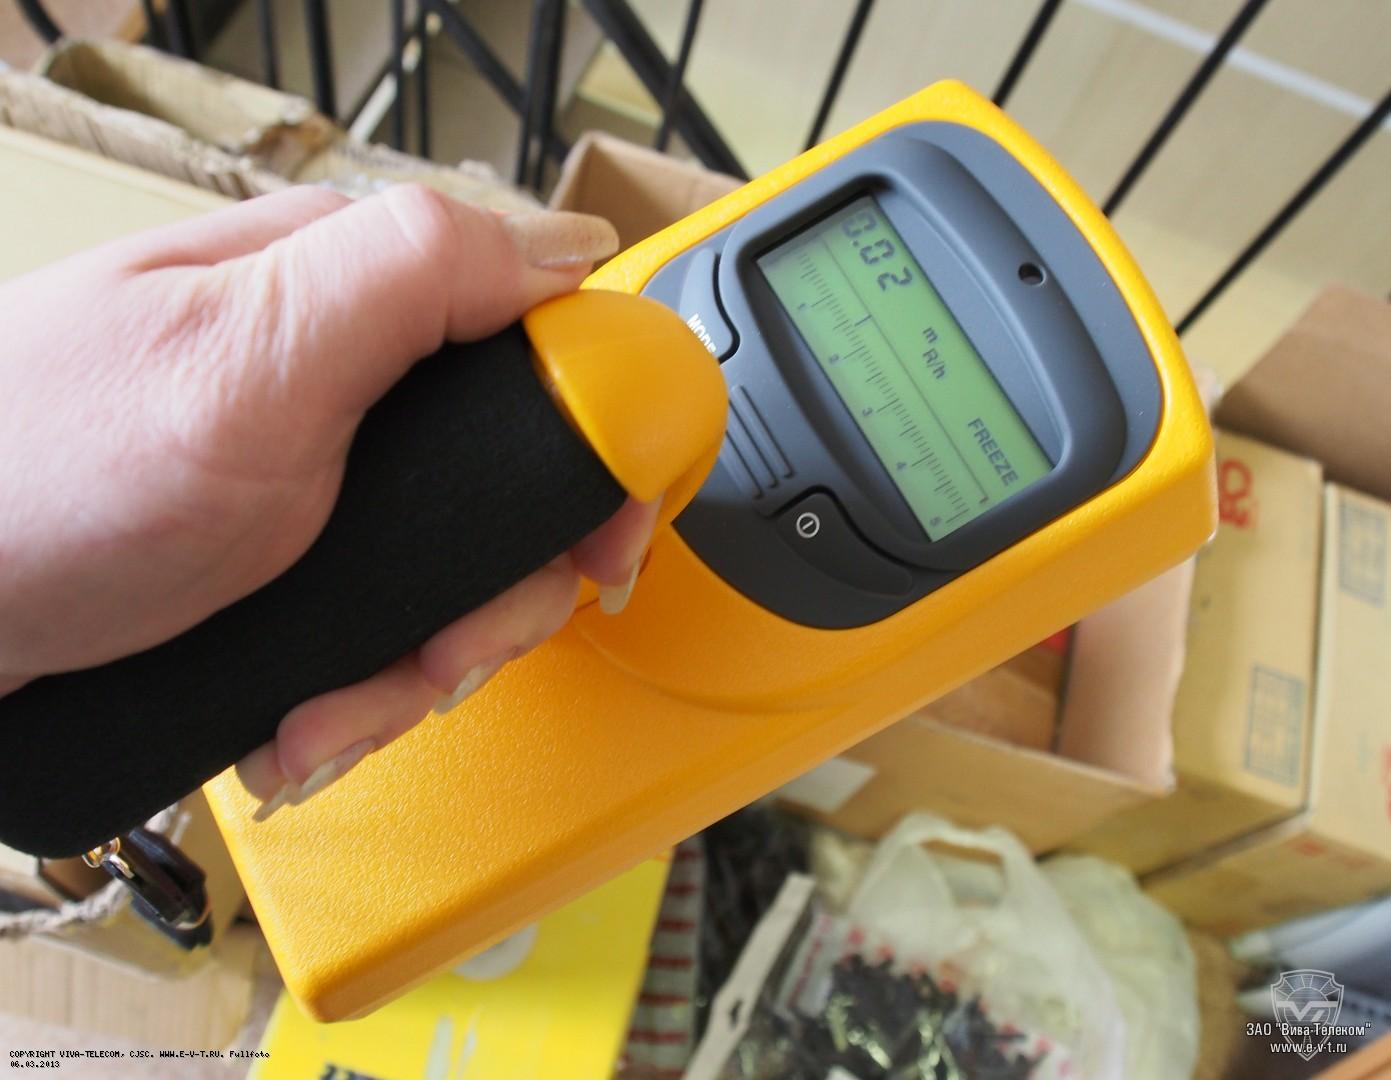 проверка помещений с дозиметром ярославль щеки чешуться или